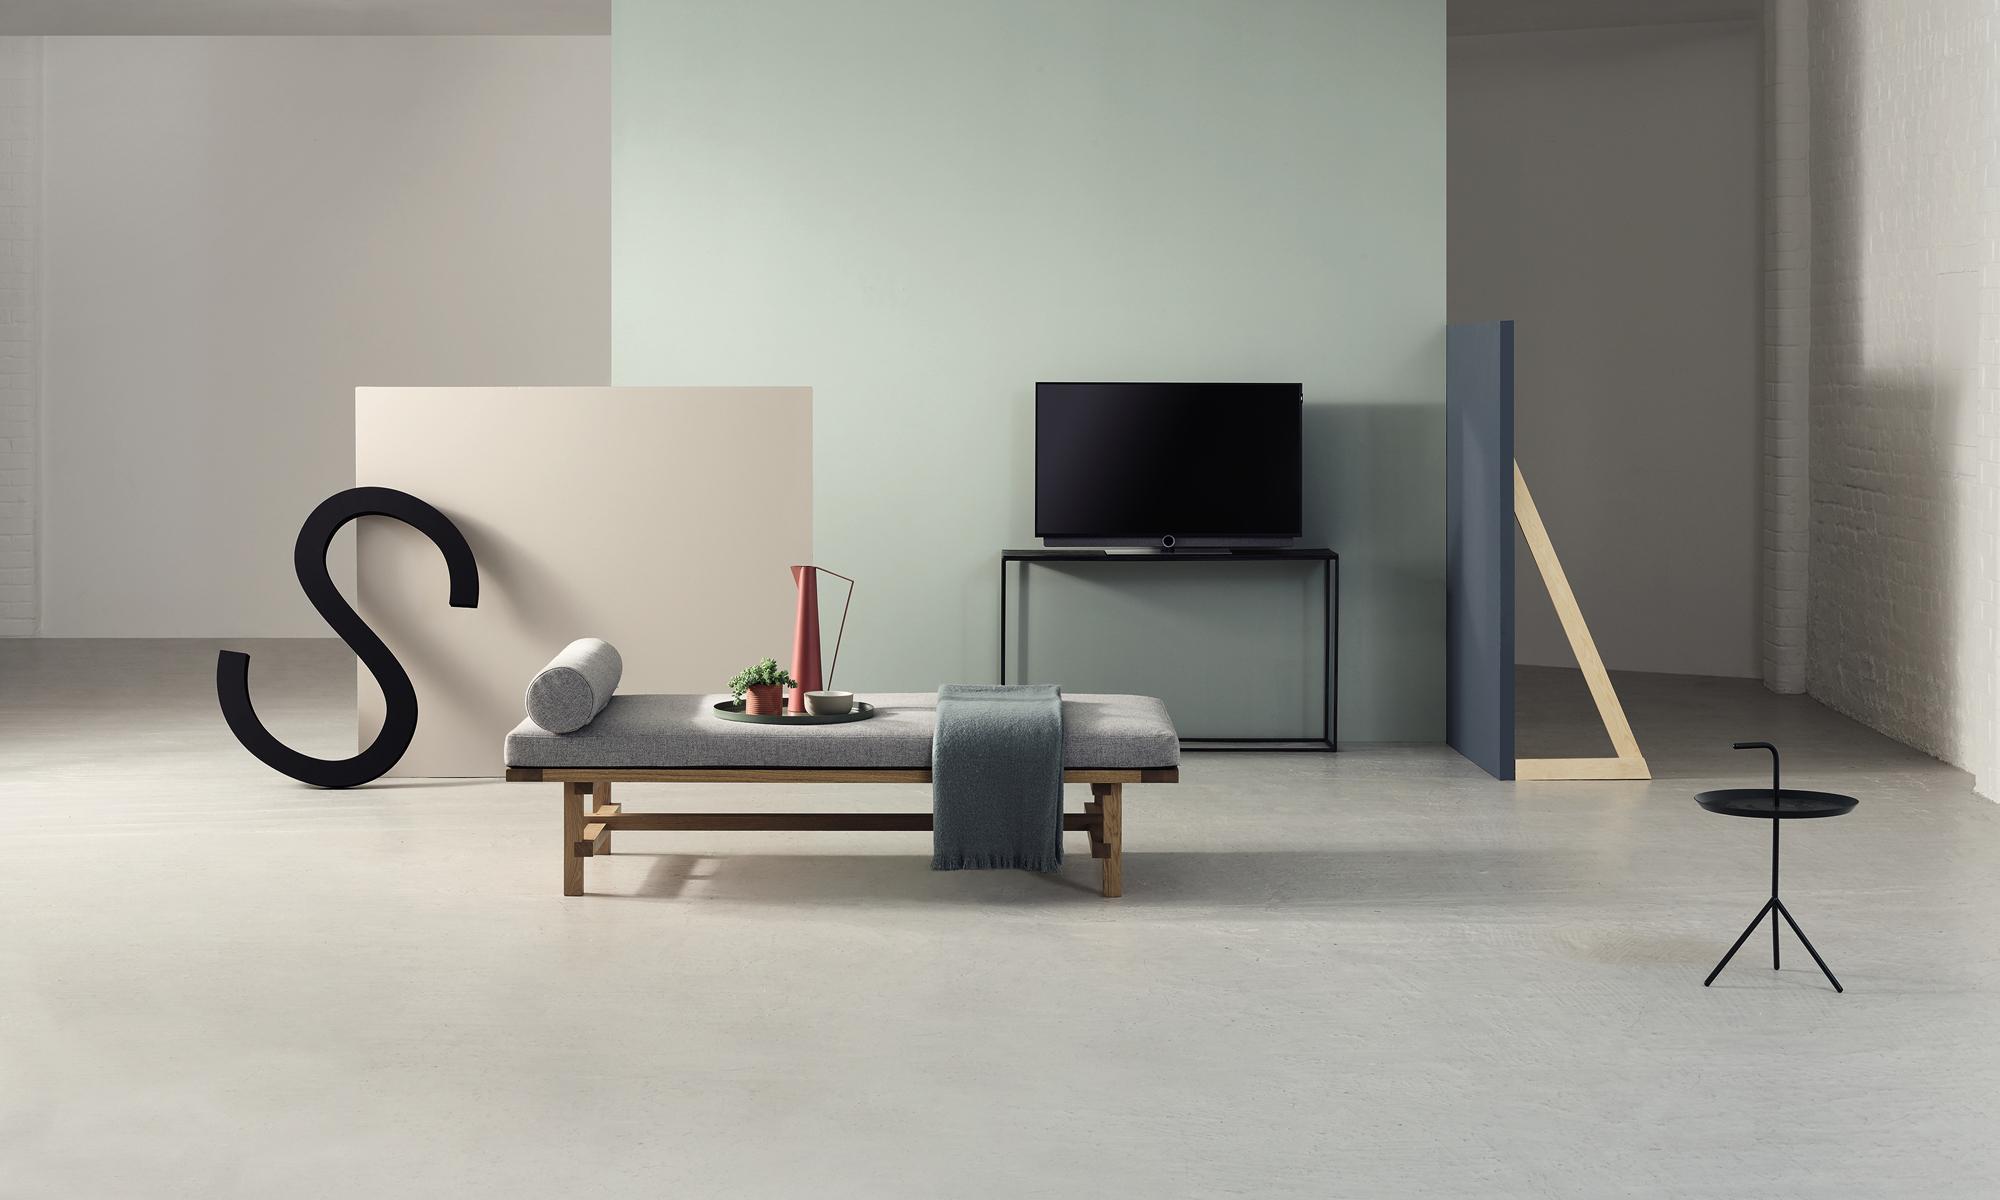 Hitzler.tv Schlafzimmer mit Demo und Fernseher